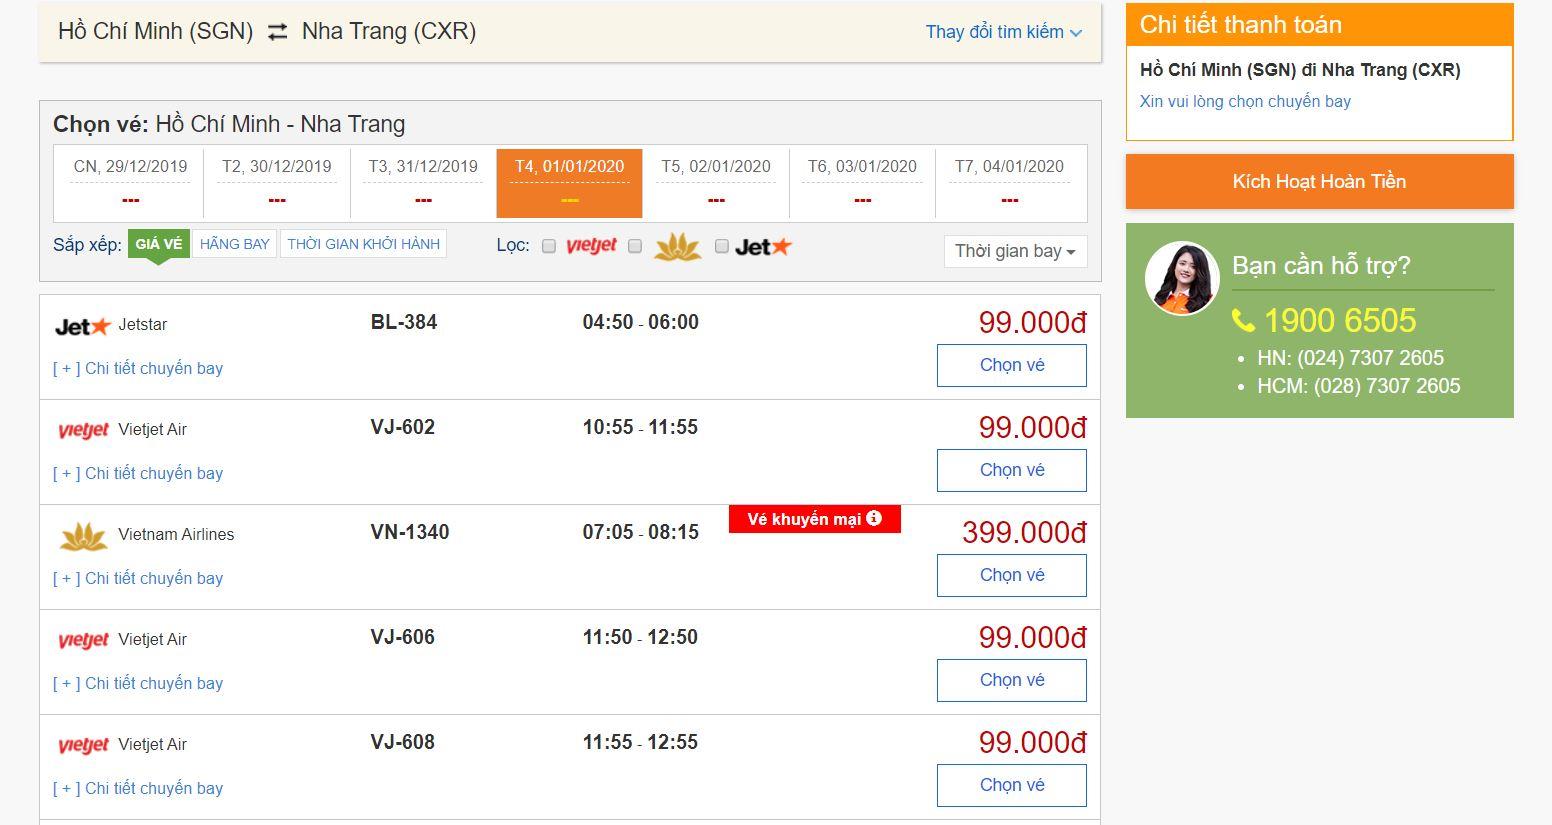 Giá vé máy bay Tết dương lịch chỉ từ 99.000đ tại bestprice.vn